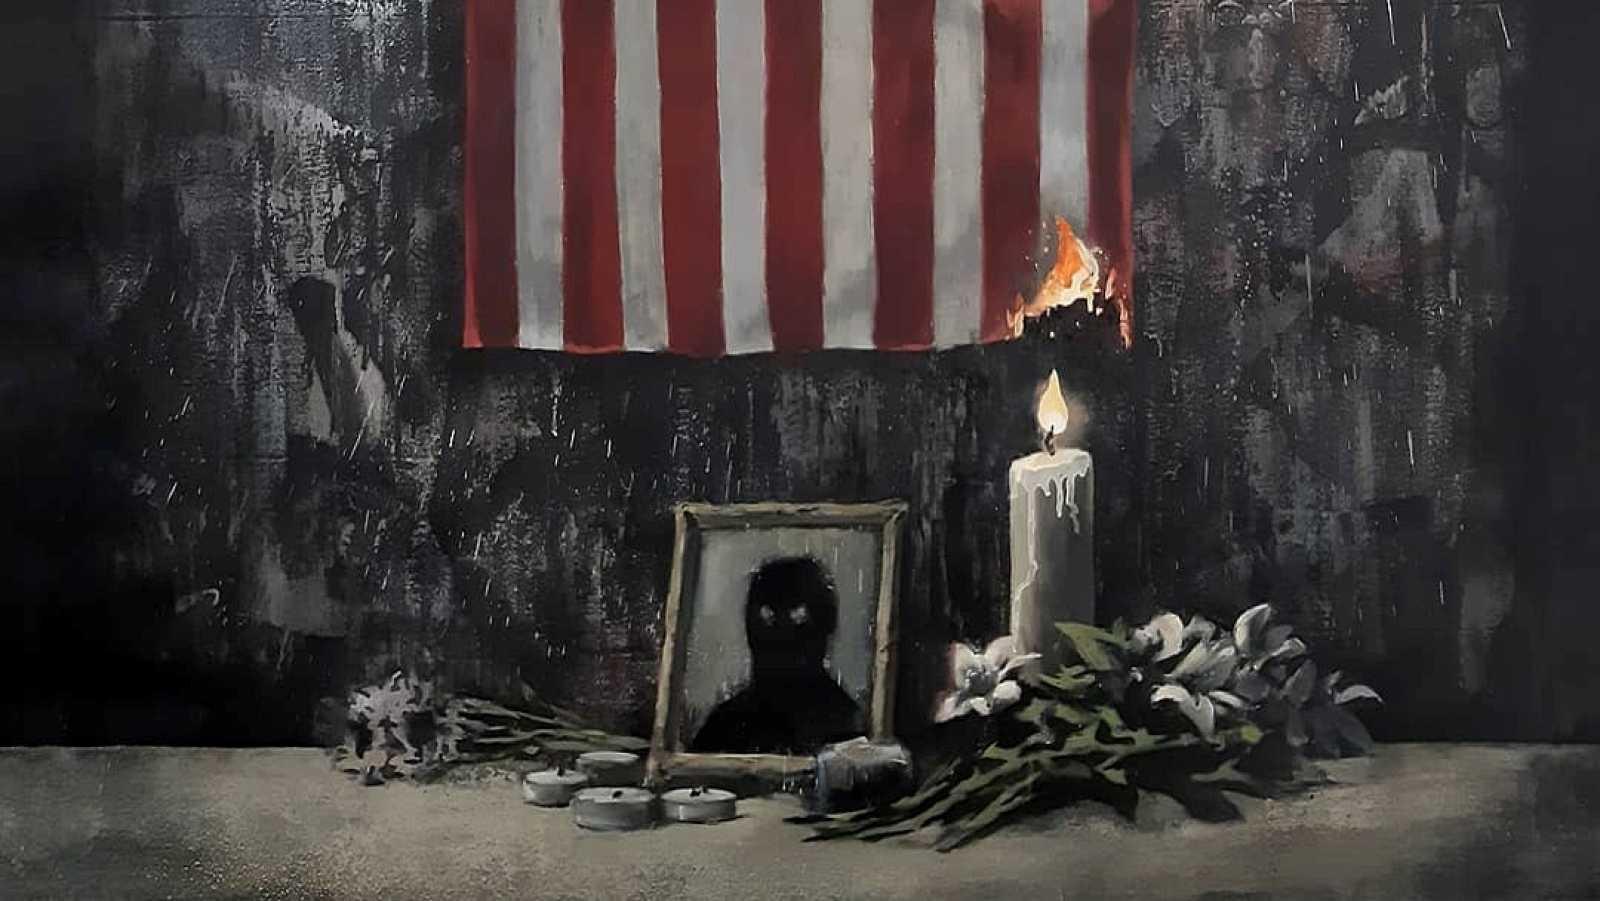 Vídeo: Banksy publica un grafiti contra el racismo tras el asesinato de George Floyd